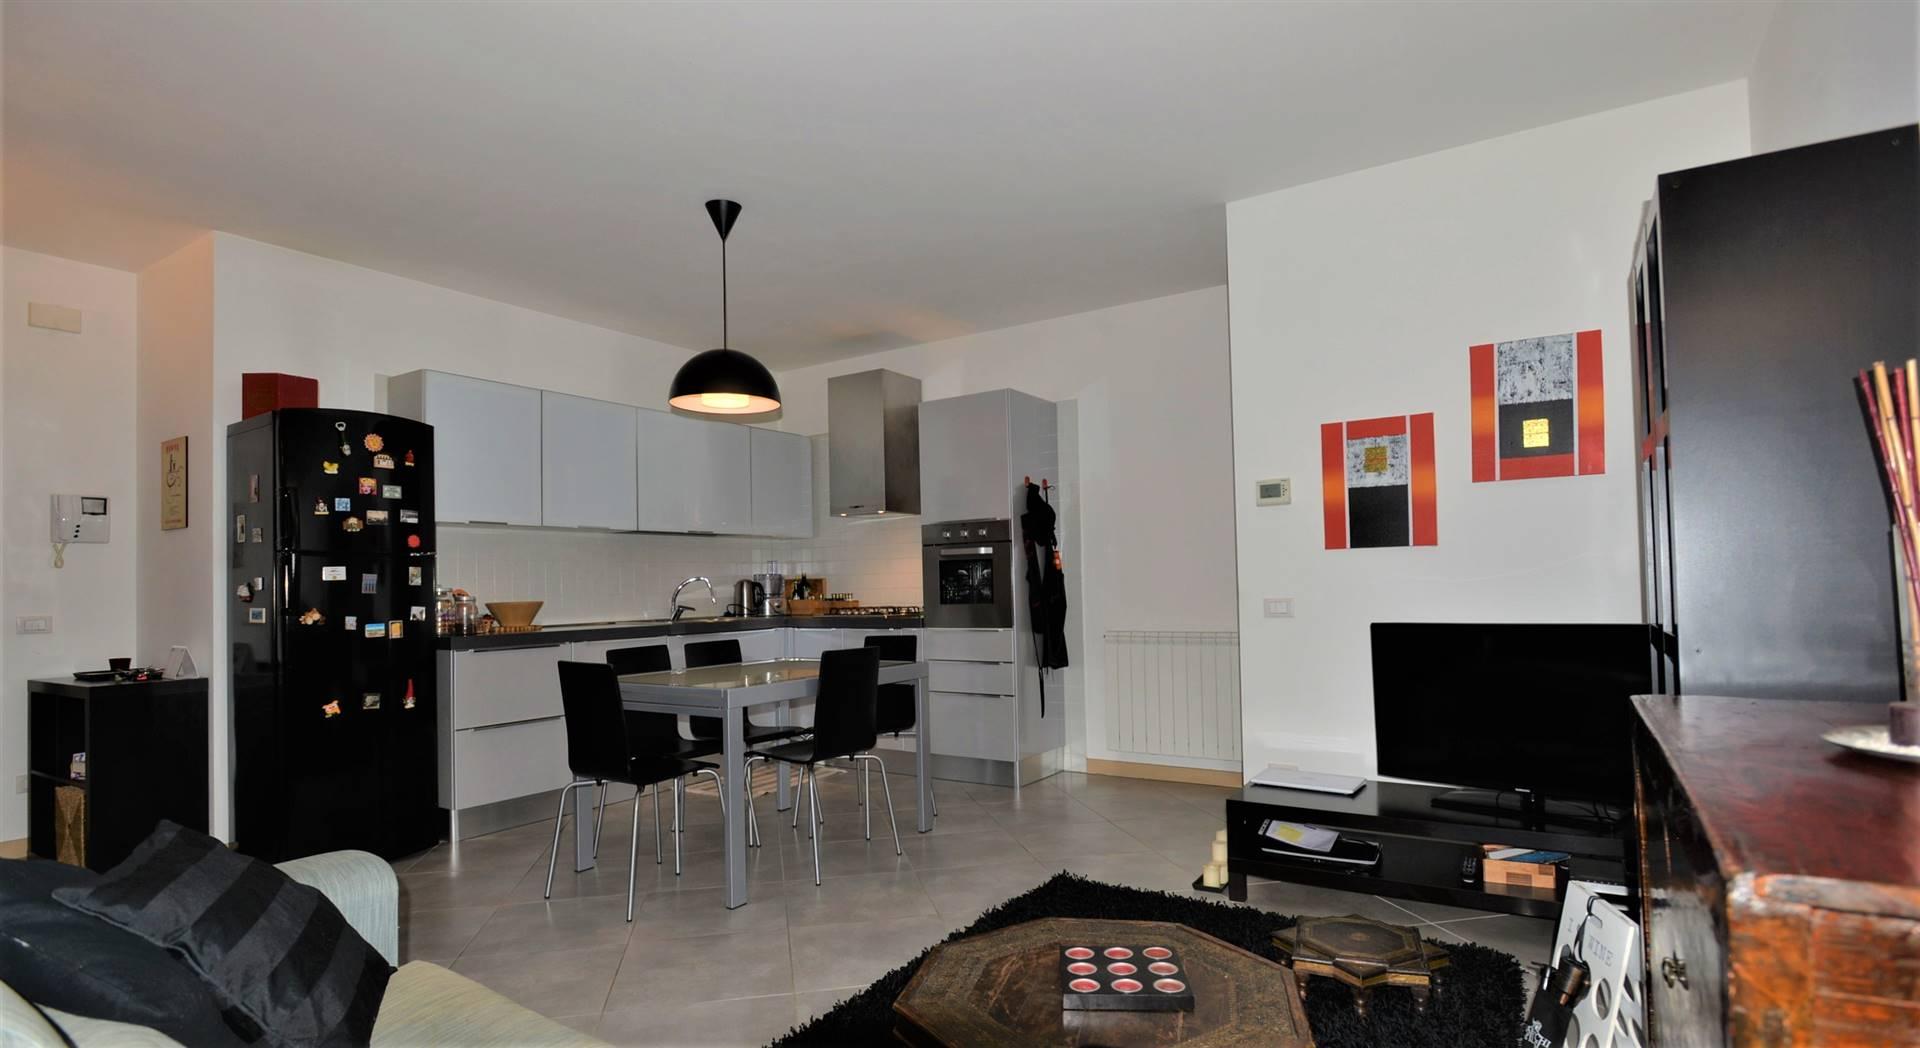 CASELLE: mini appartamento dagli ampi spazi proponiamo in vendita appartamento con ingresso su salone con cucina a vista open space con accesso al poggiolo, corridoio che collega la zona notte con